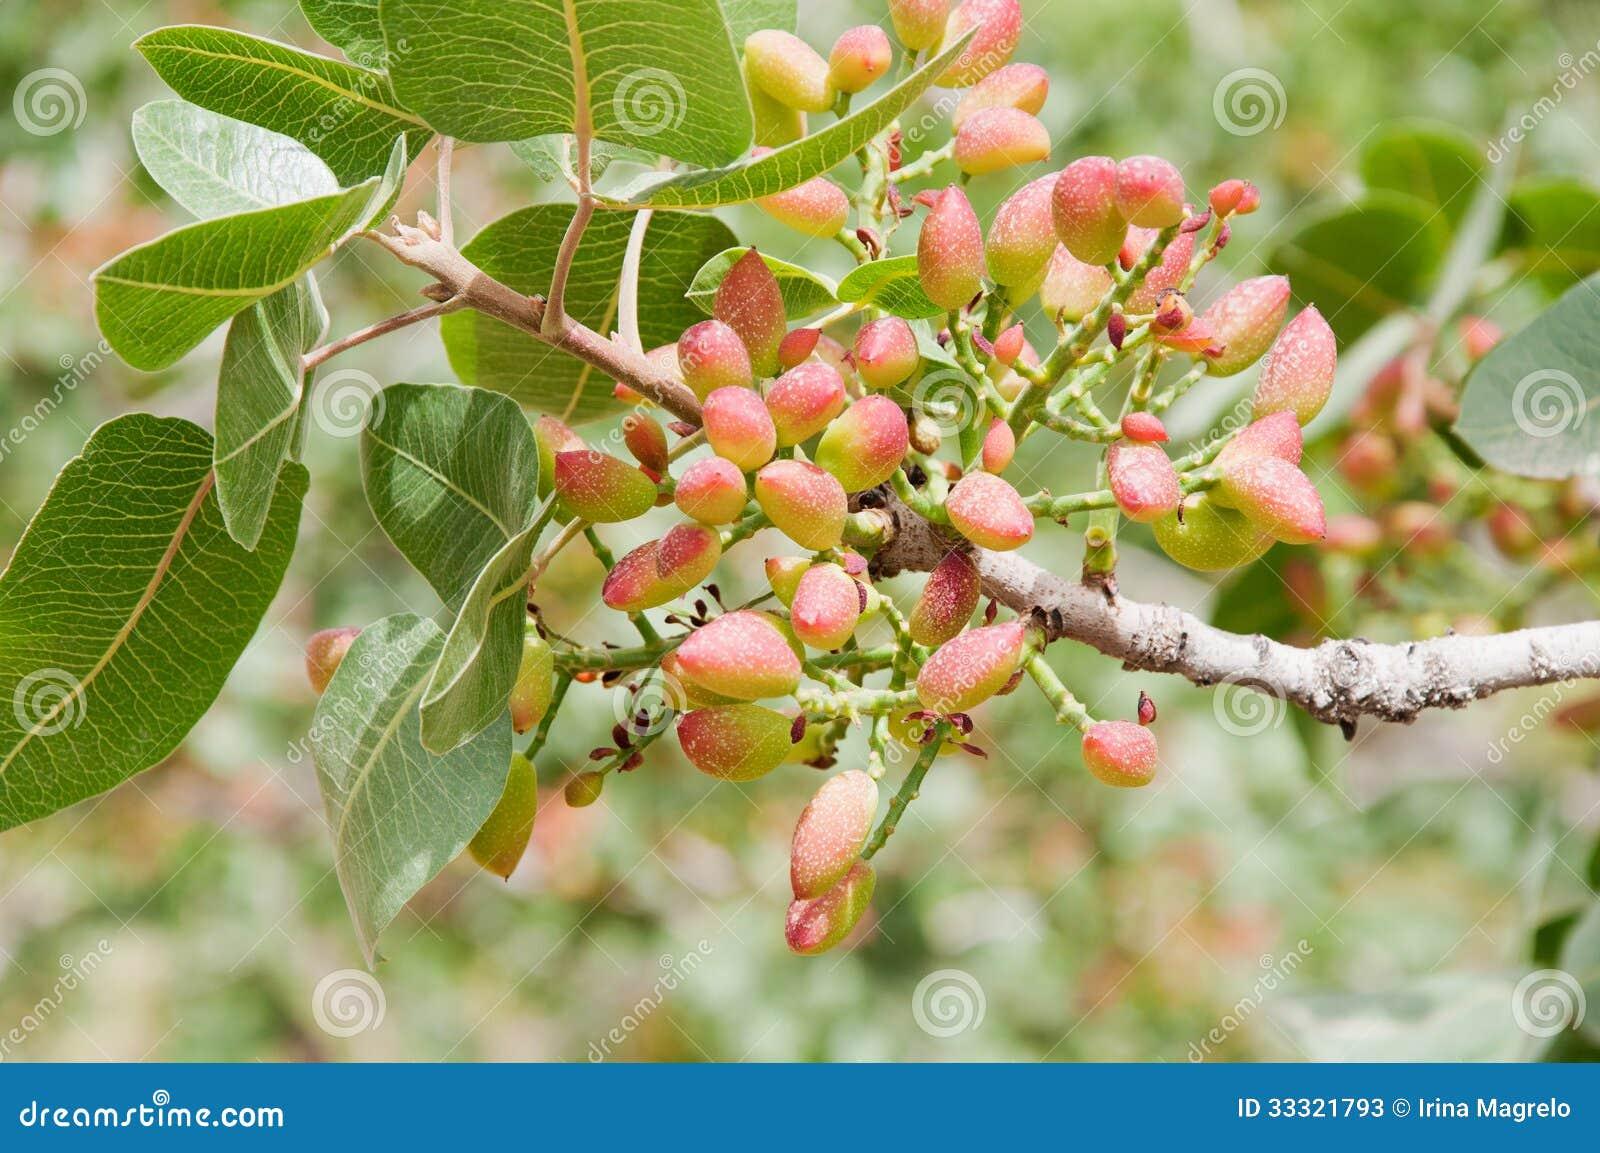 Albero di pistacchio